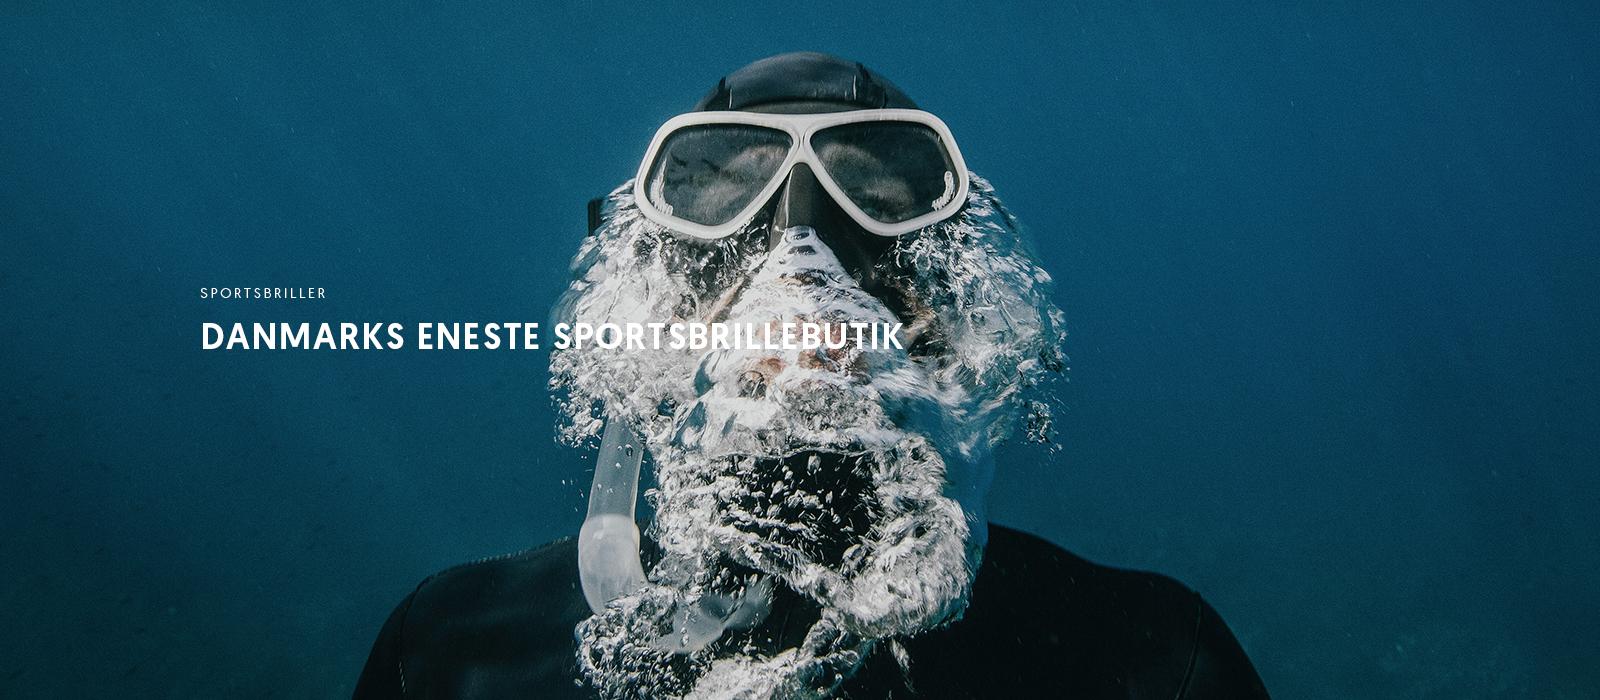 sportsbtiller_dykker_frederiksberg_optik_bred